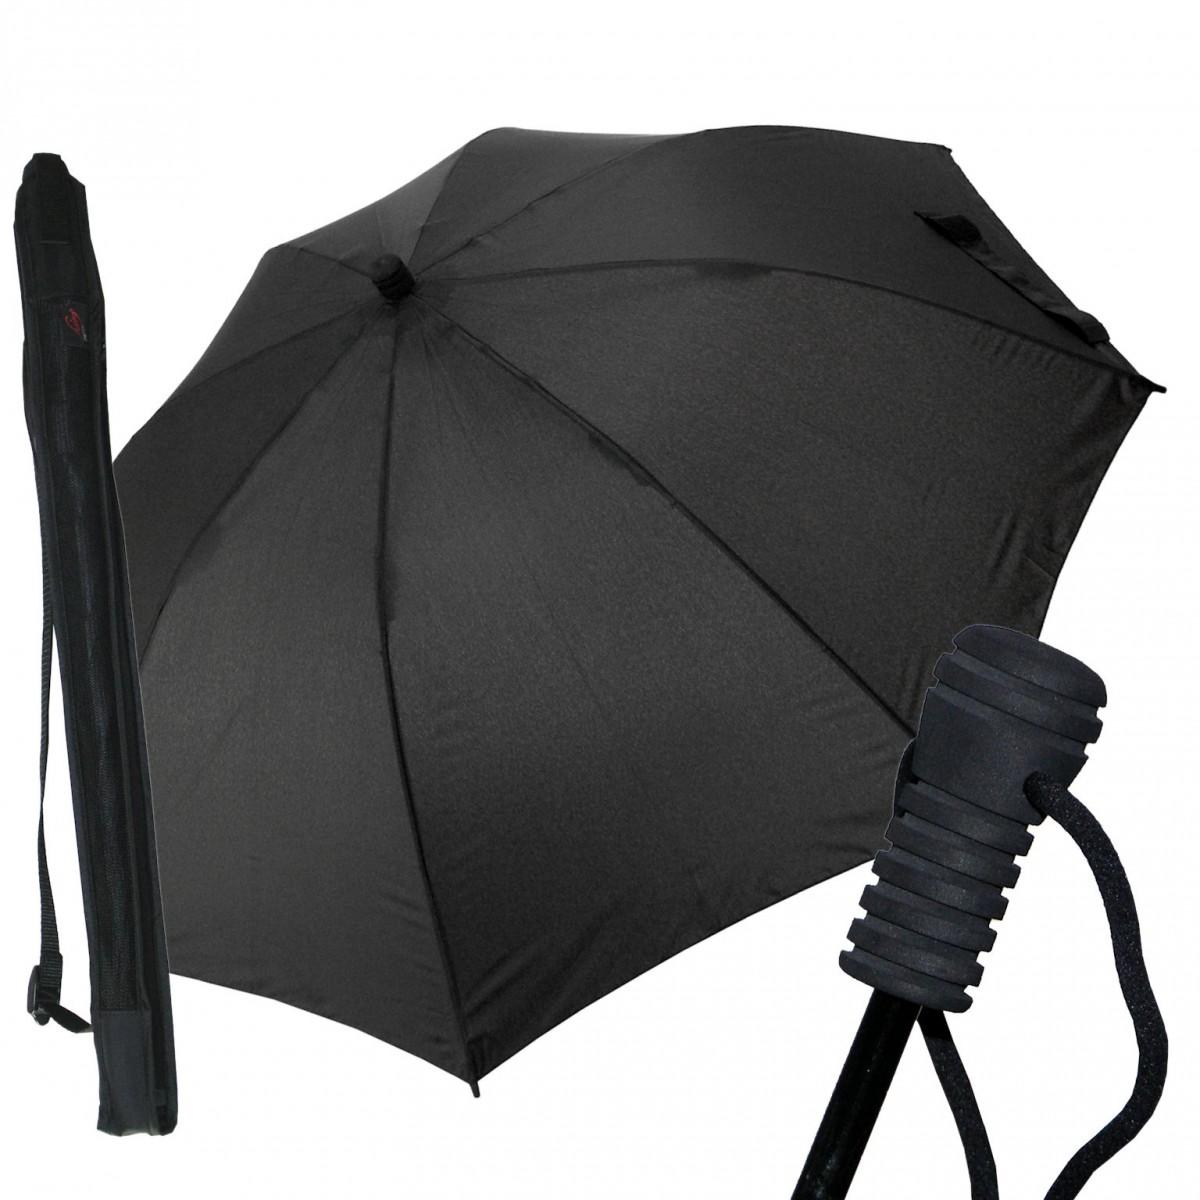 Regenschirm Trekking Swing liteflex schwarz